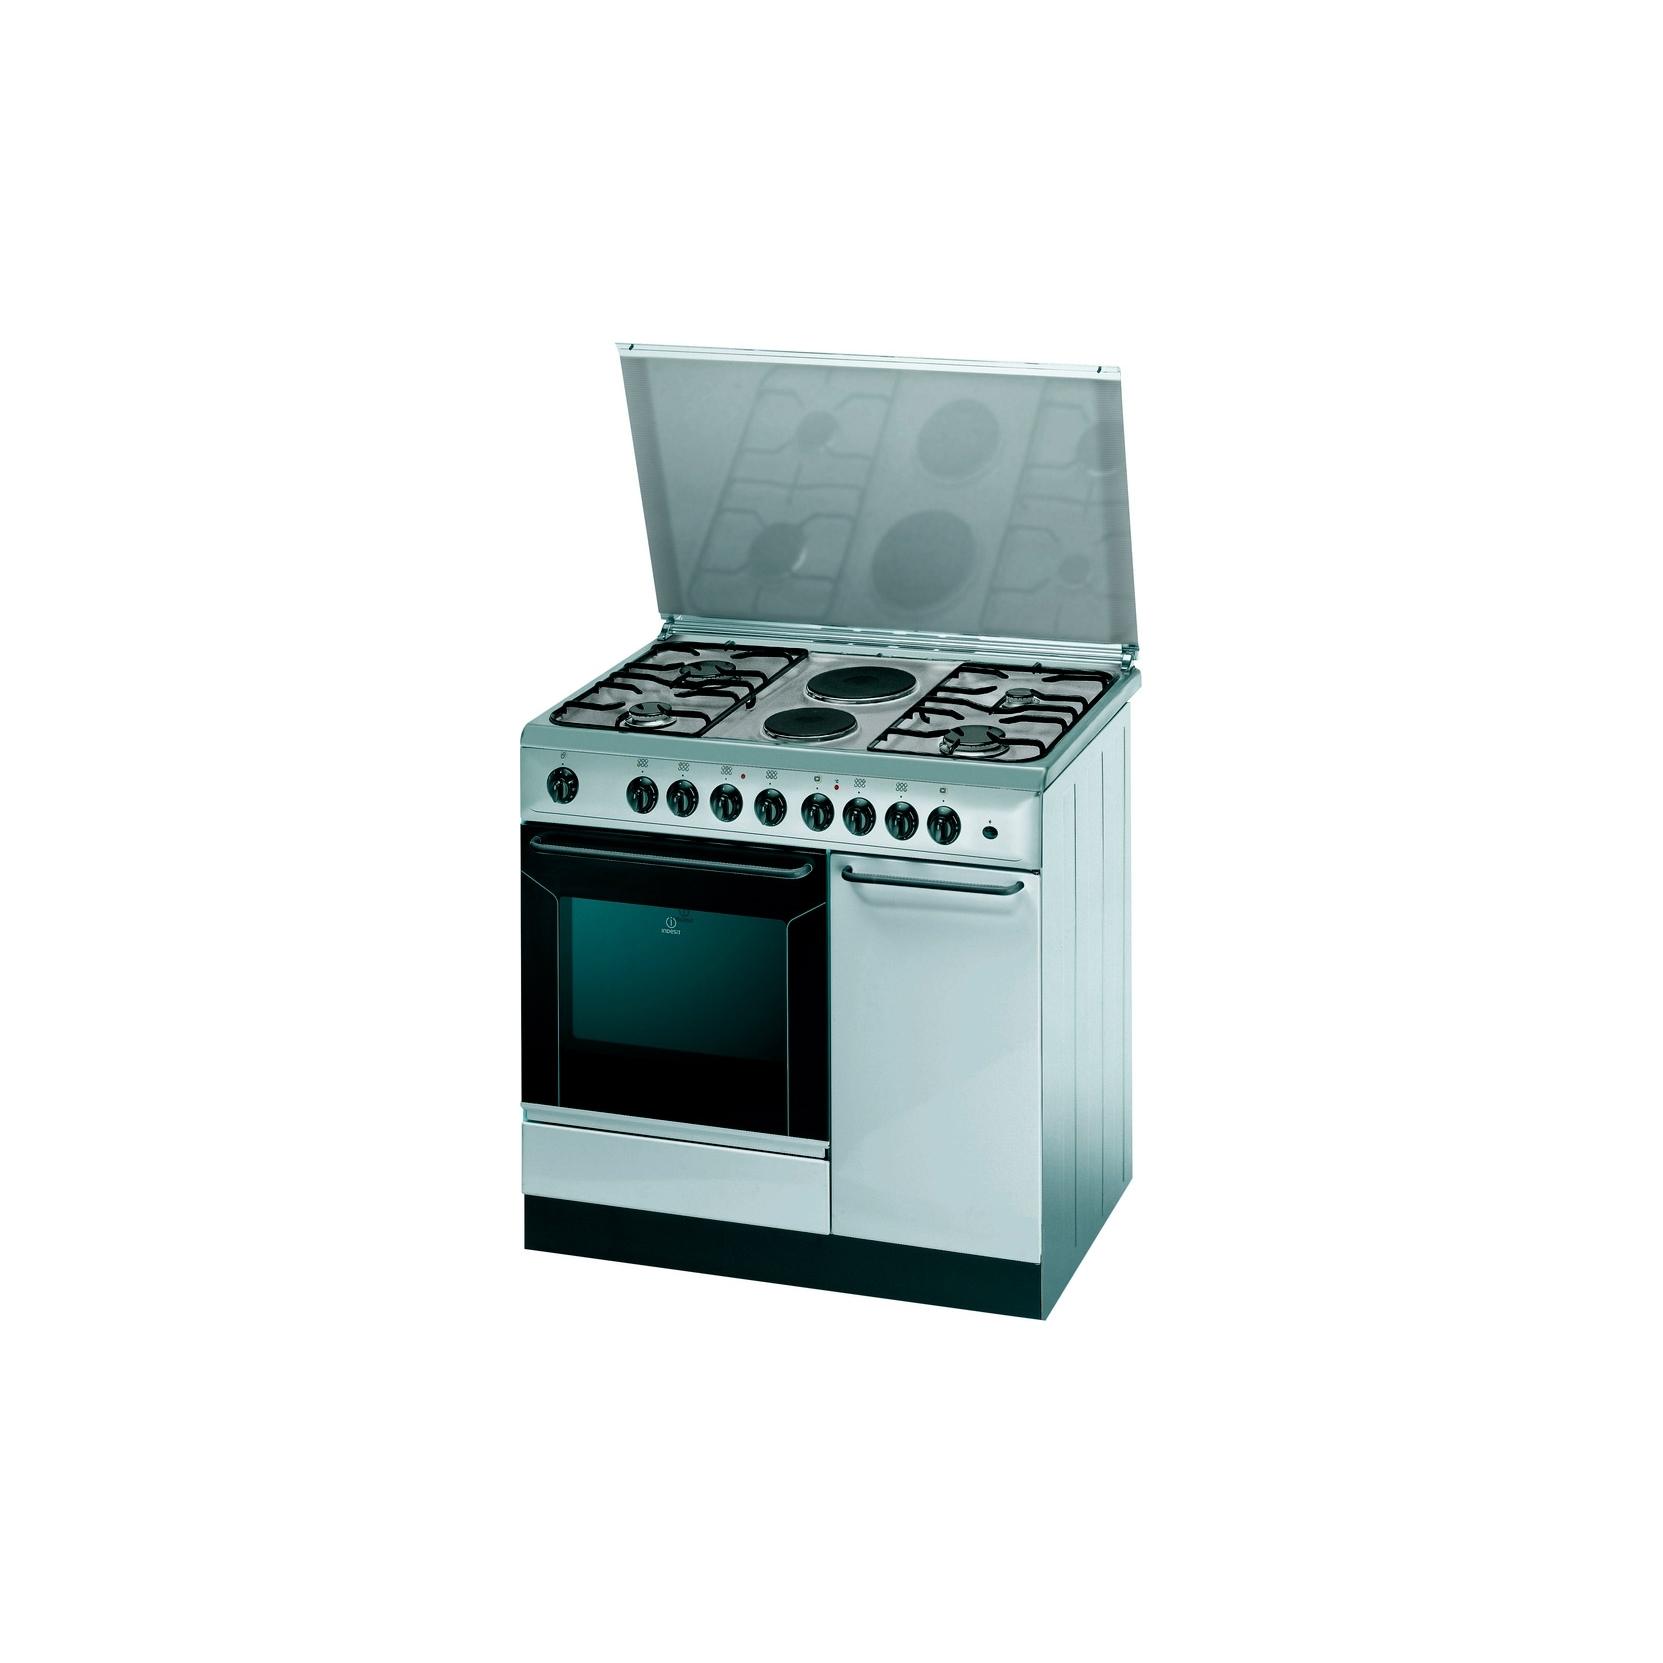 Cucina indesit k9b11sb x i con p bombola 90x60 inox 4 - Cucine con piastre elettriche ...